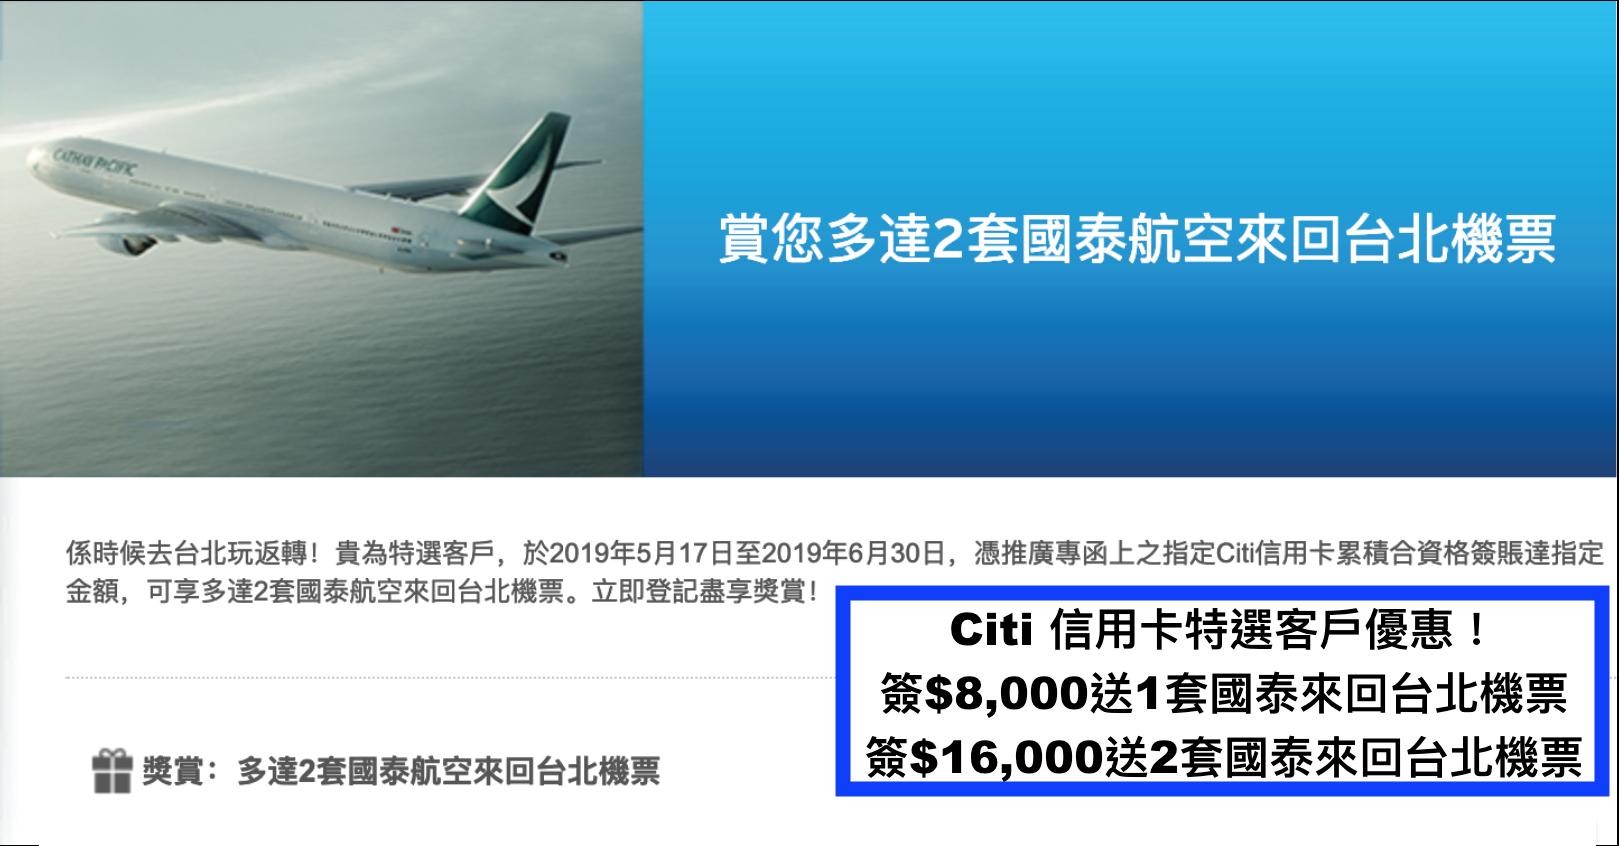 超抵!Citi 信用卡特選客戶優惠!簽$8,000送1套國泰來回台北機票、簽$16,000送2套國泰來回台北機票!